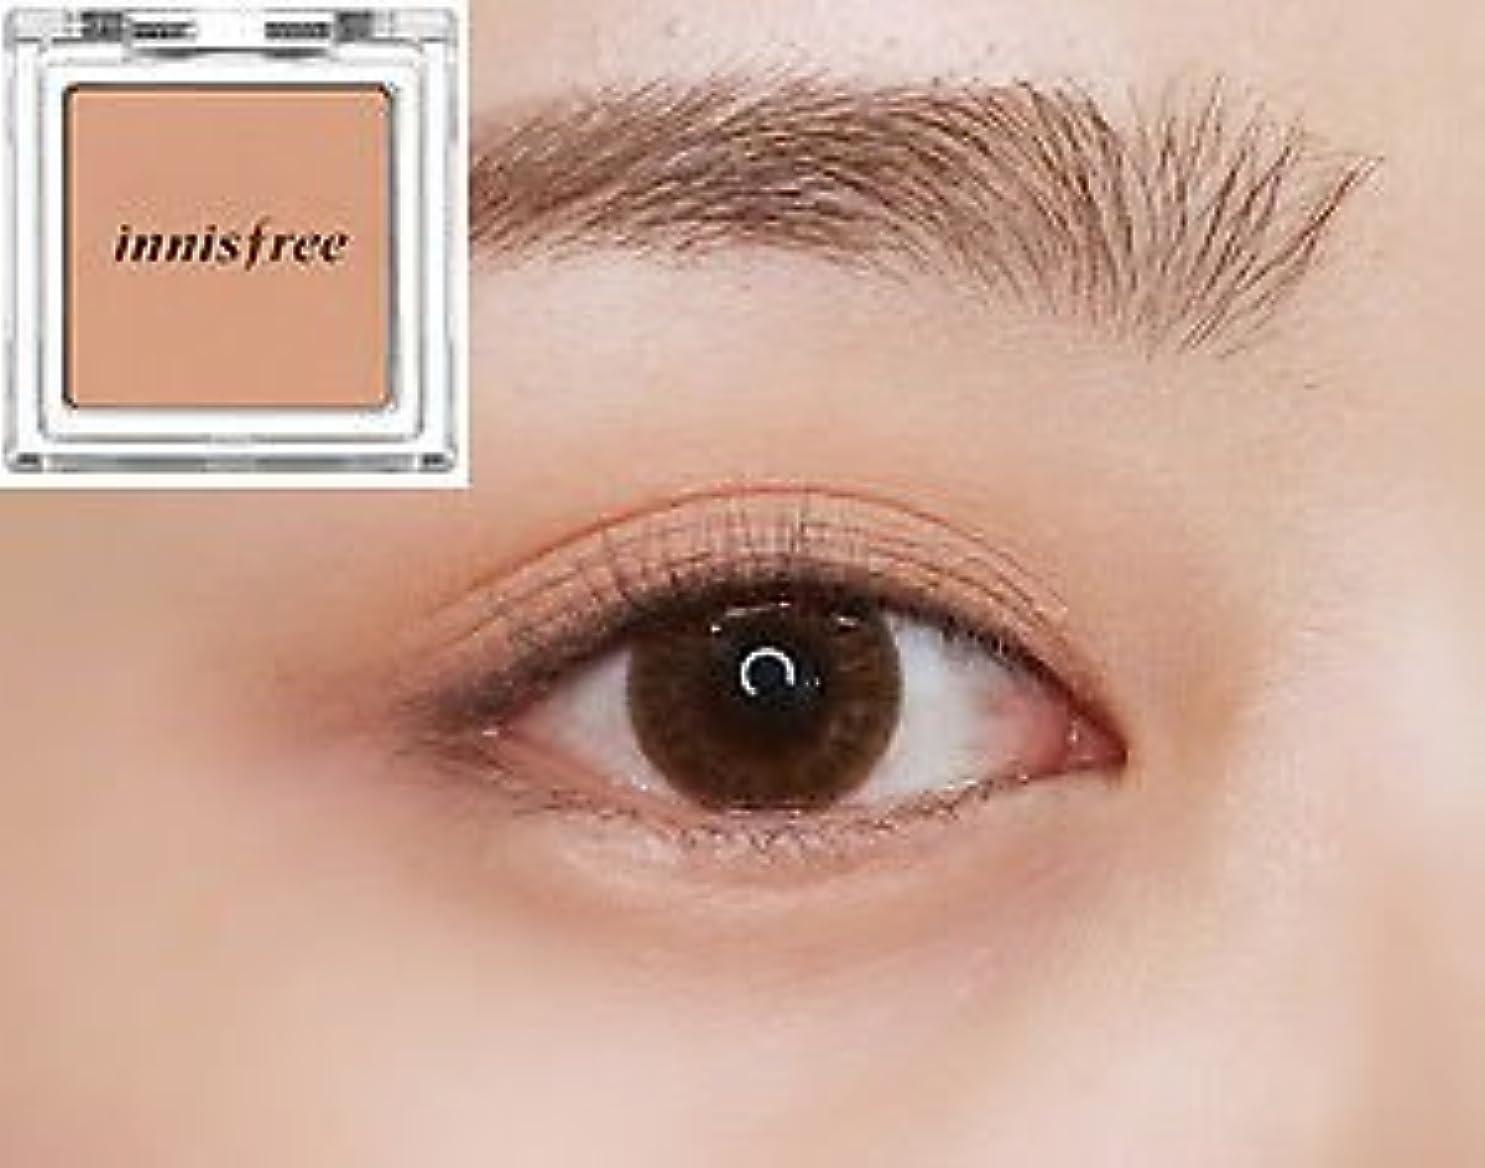 運命的な委託ミル[イニスフリー] innisfree [マイ パレット マイ アイシャドウ (マット) 40カラー] MY PALETTE My Eyeshadow (Matte) 40 Shades [海外直送品] (マット #04)